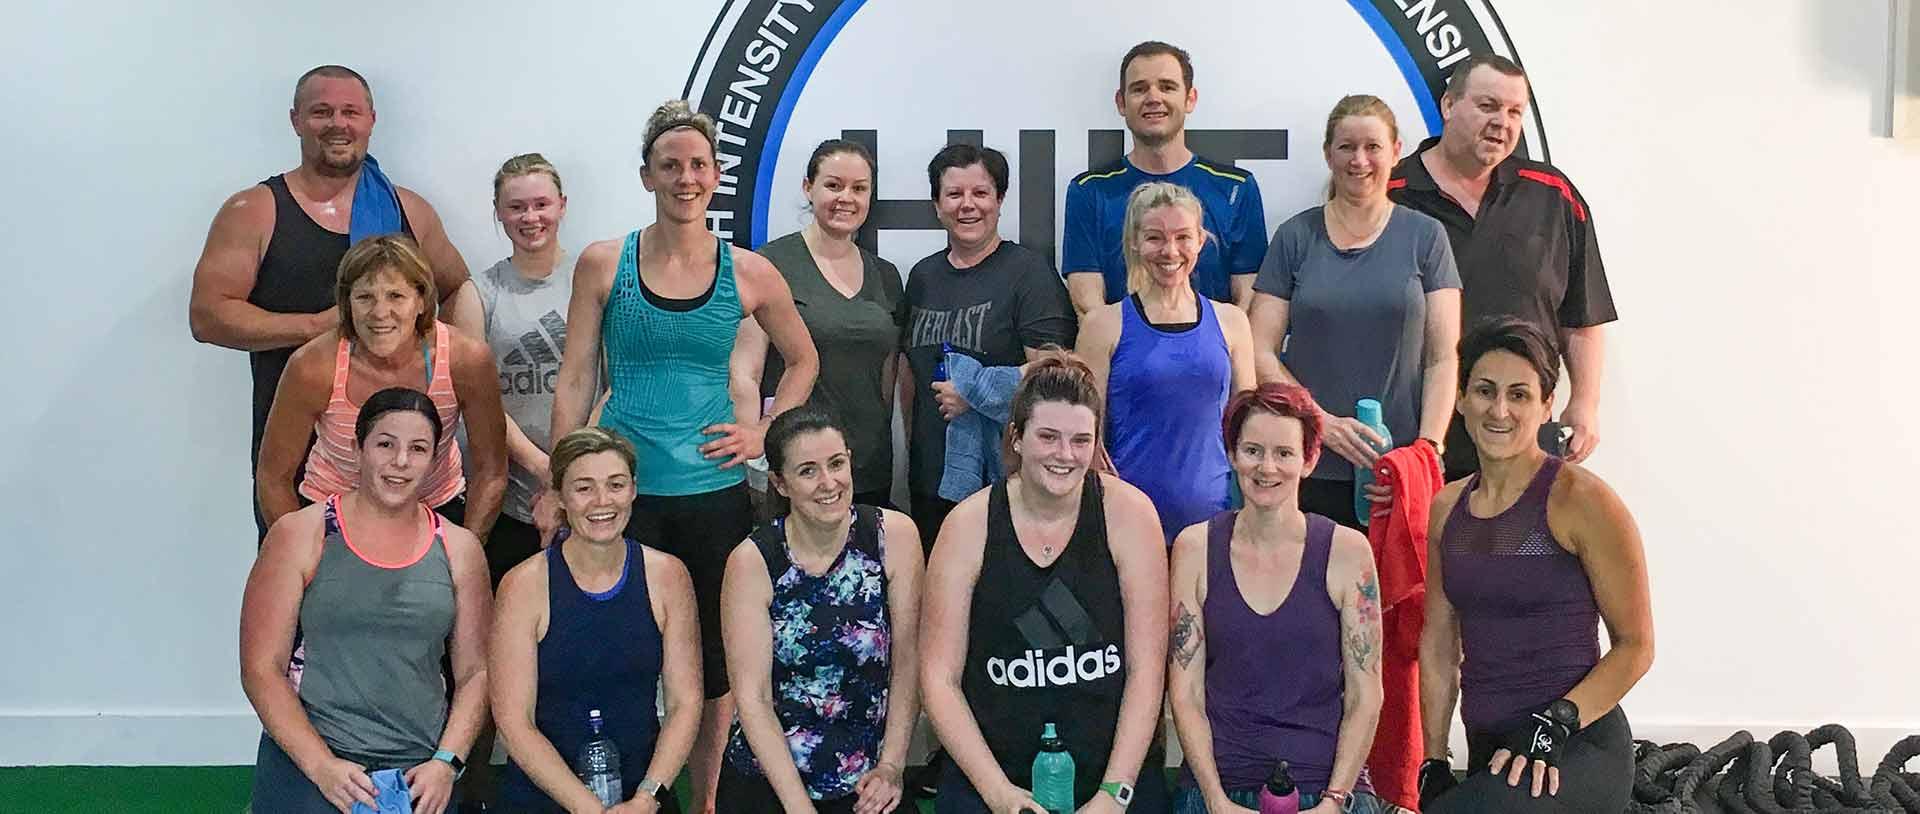 membership brighton fitness paragon fitness